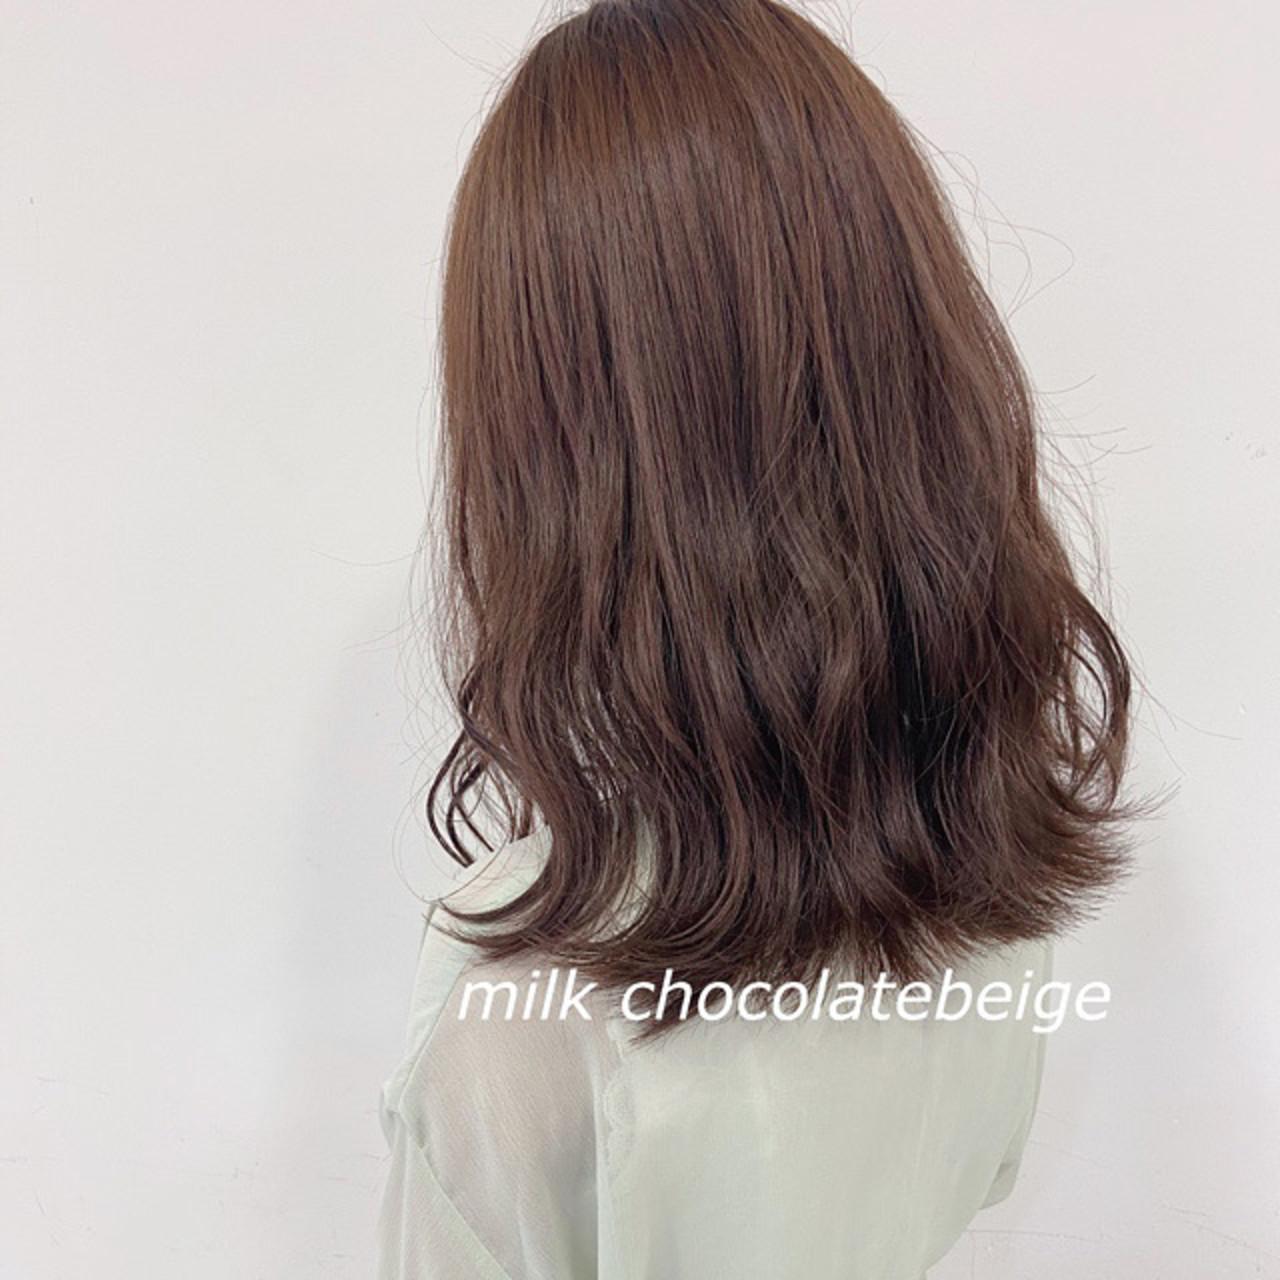 ナチュラル ミディアム ブラウンベージュ ショコラブラウン ヘアスタイルや髪型の写真・画像